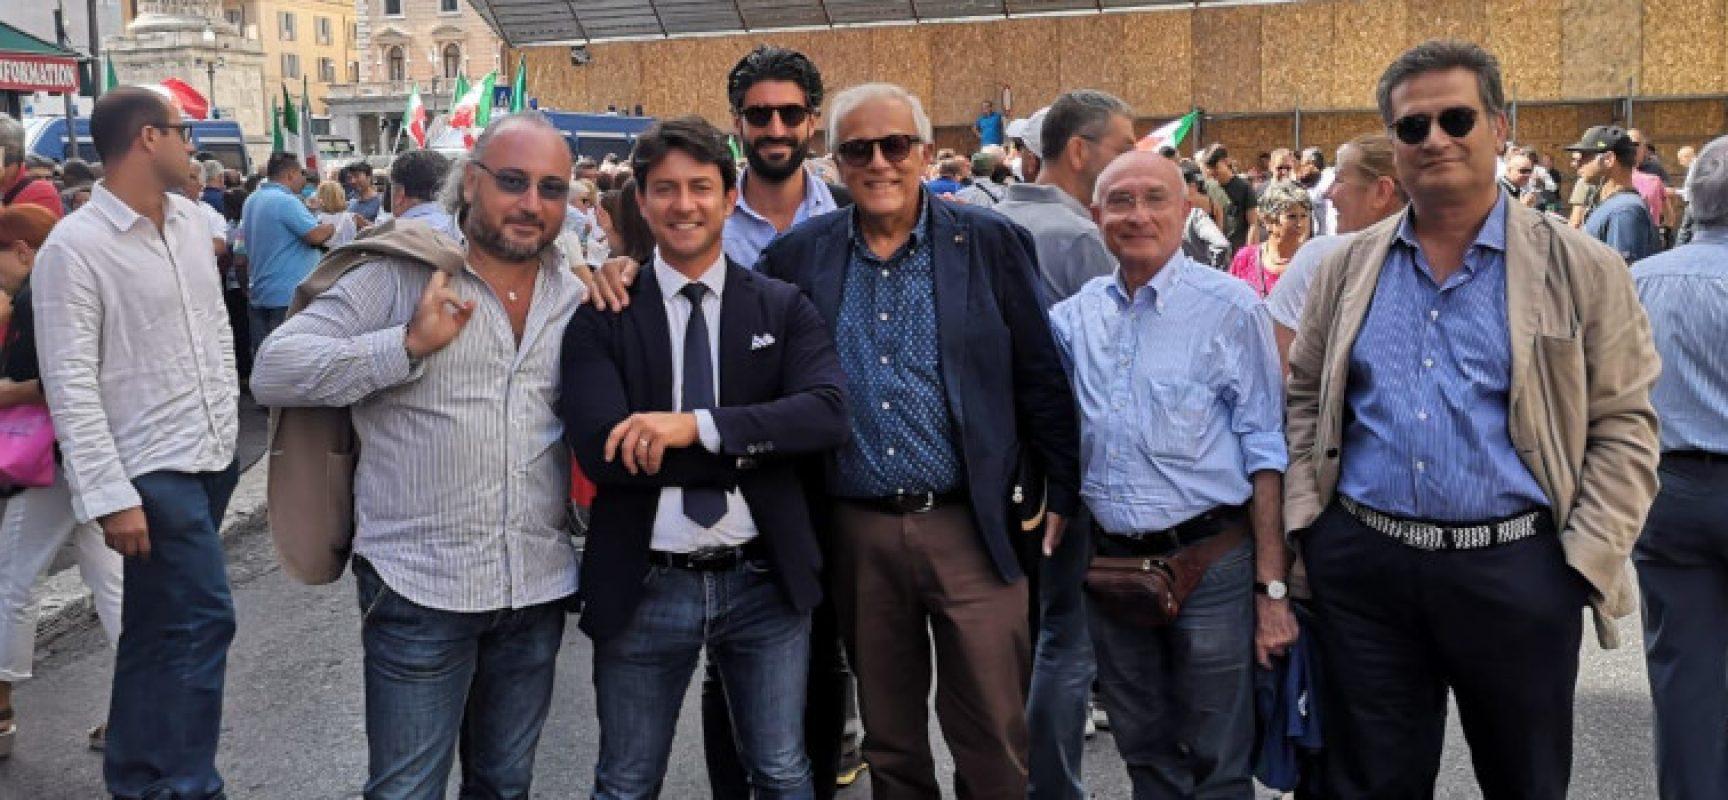 Centrodestra biscegliese in piazza a Roma per manifestare contro il governo Conte bis